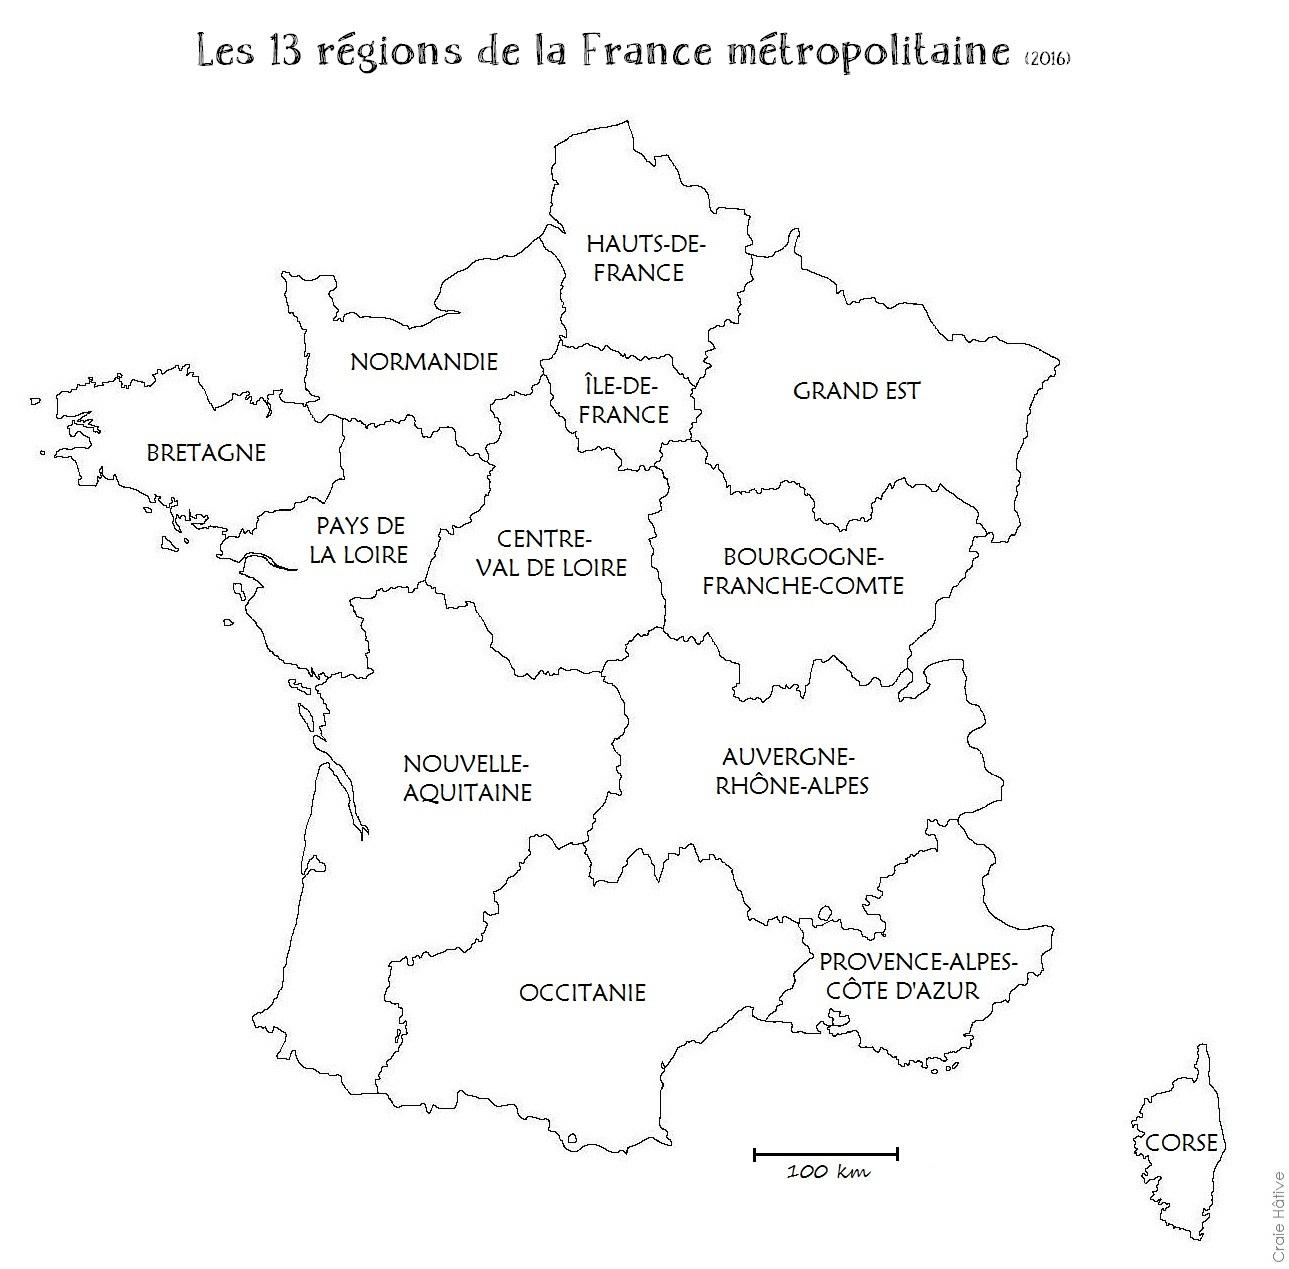 Cartes Des Régions De La France Métropolitaine - 2016 dedans Carte Des Régions Vierge